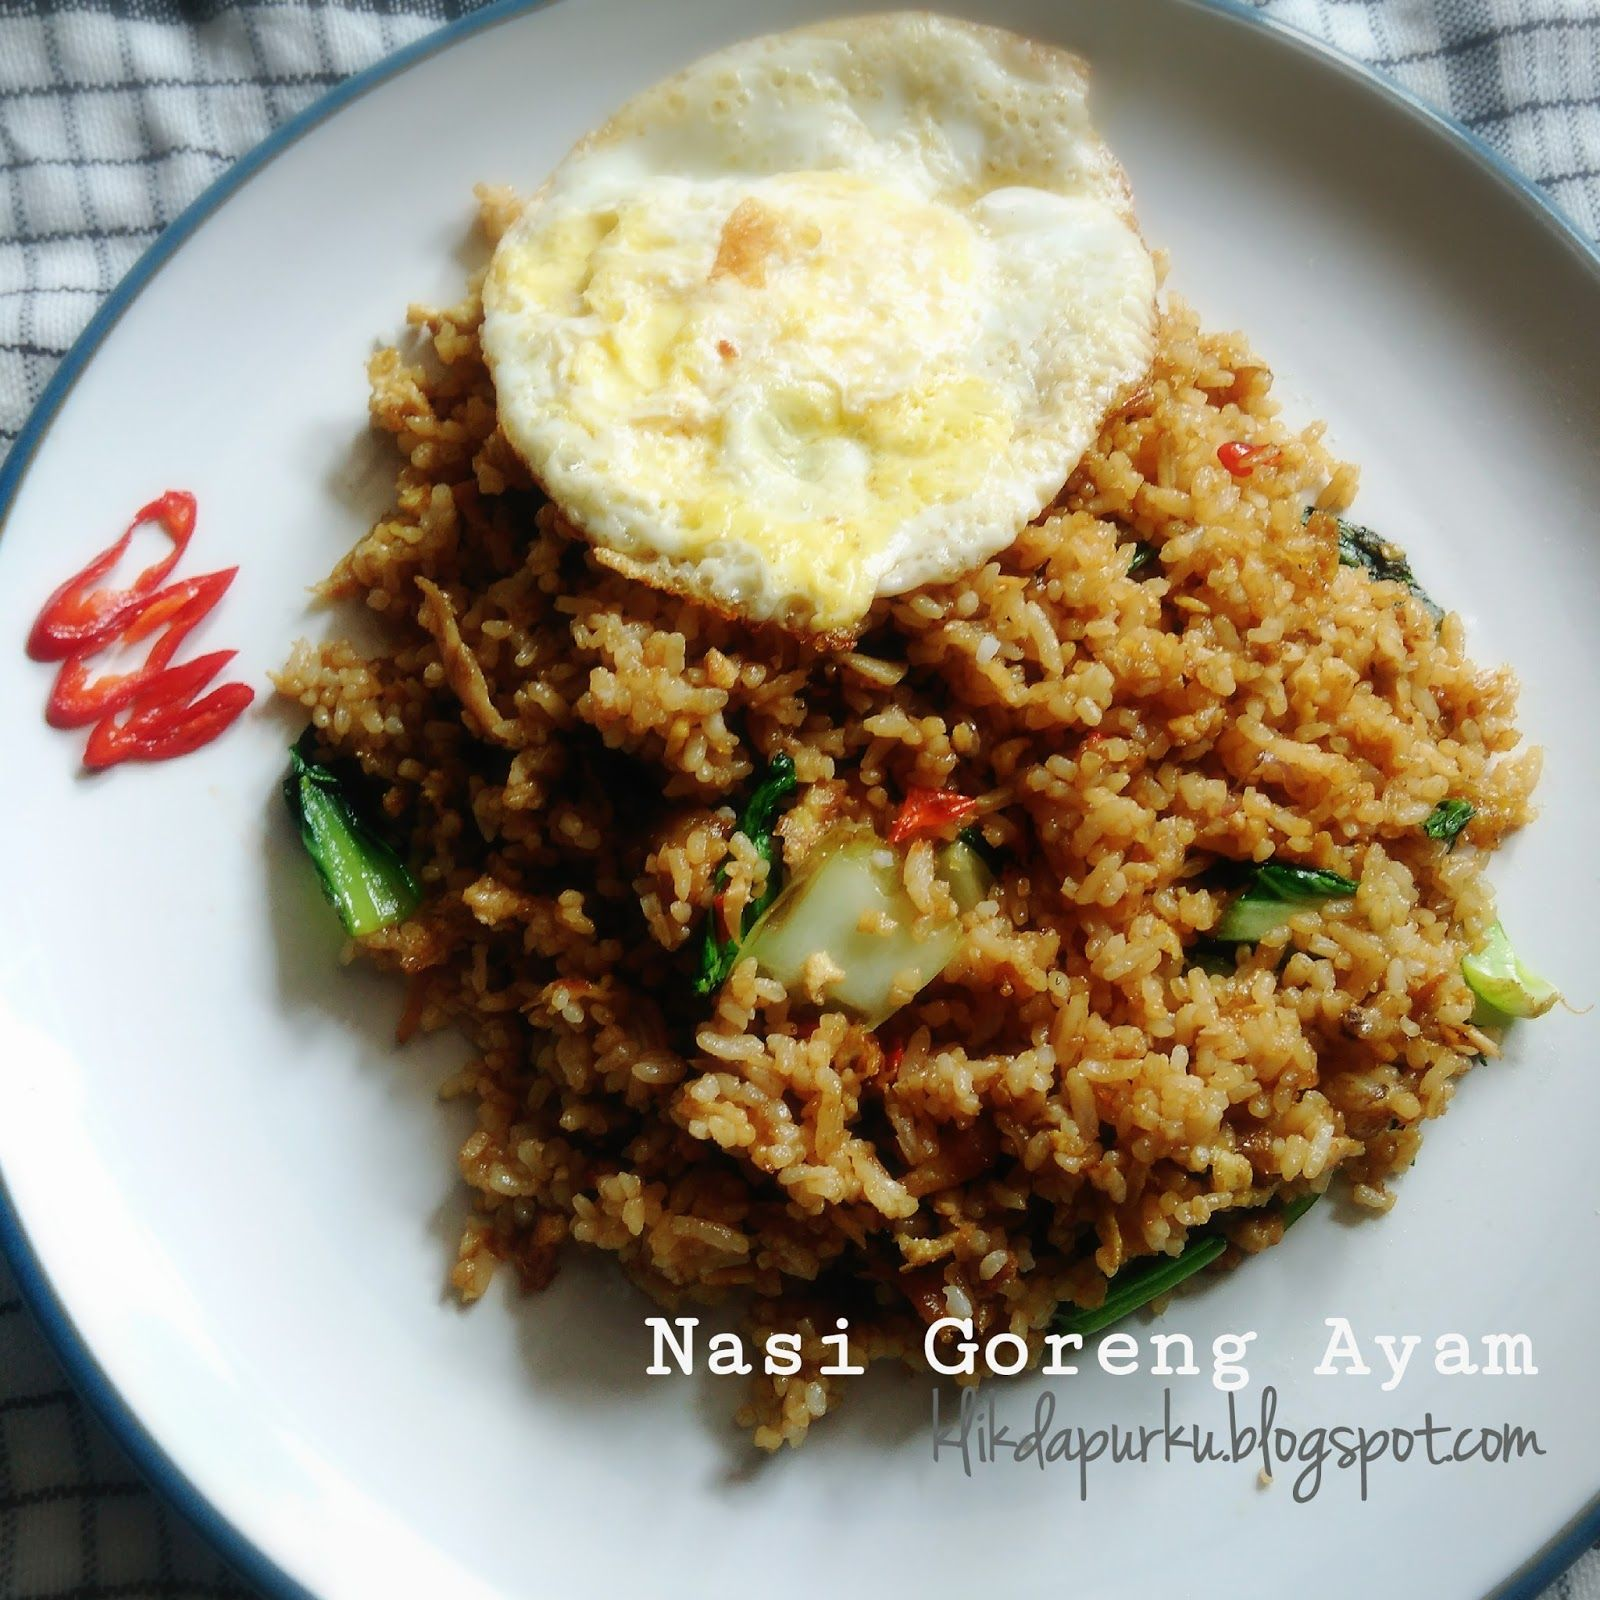 Nasi goreng adalah makanan Indonesia, yang sudah mendunia ...